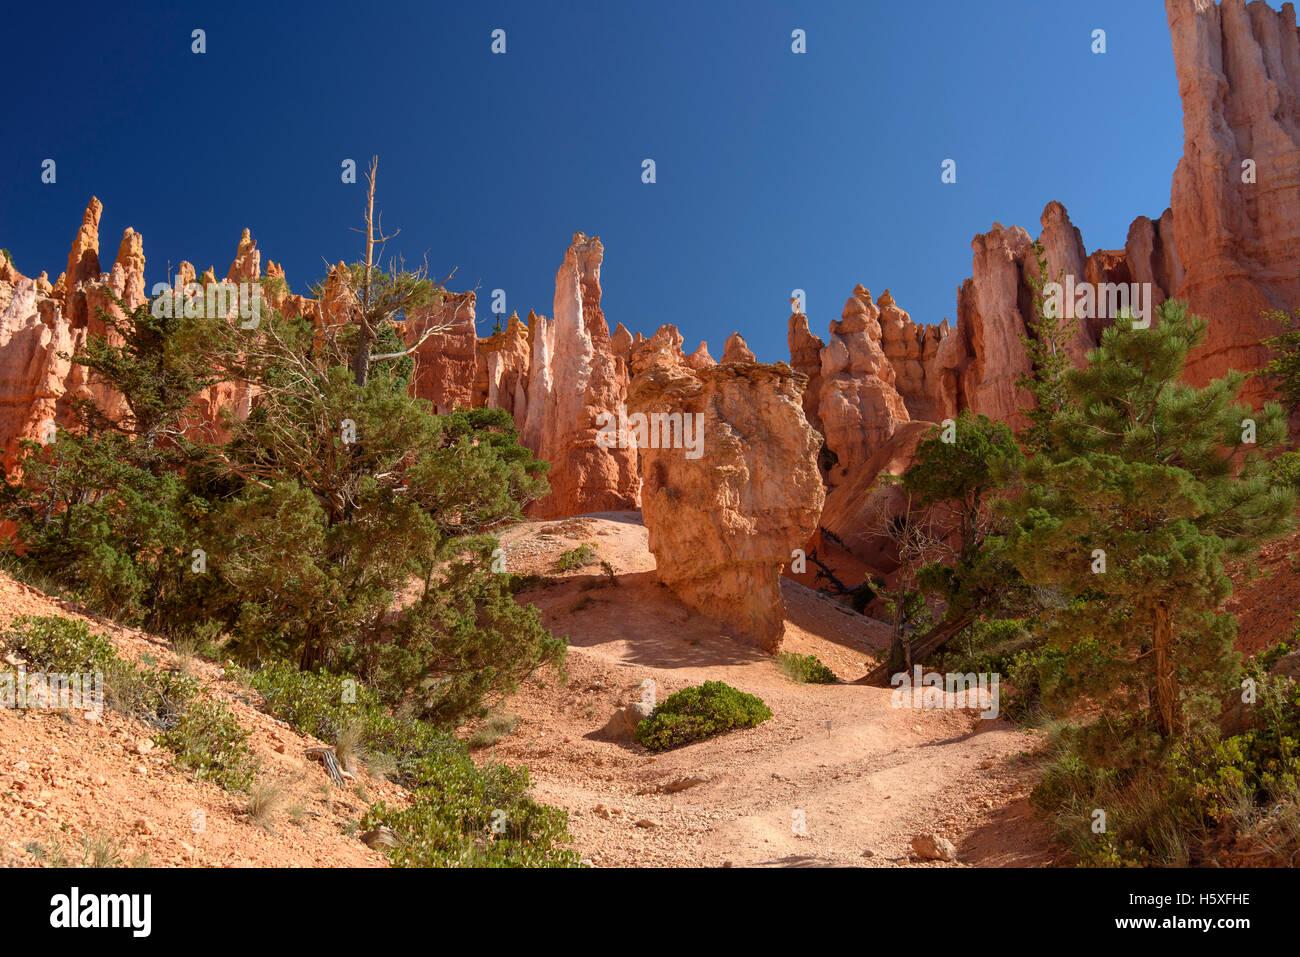 Wunderschöne Aussicht, Bryce-Canyon-Nationalpark, Utah, befindet sich im Südwesten der Vereinigten Staaten. Stockbild